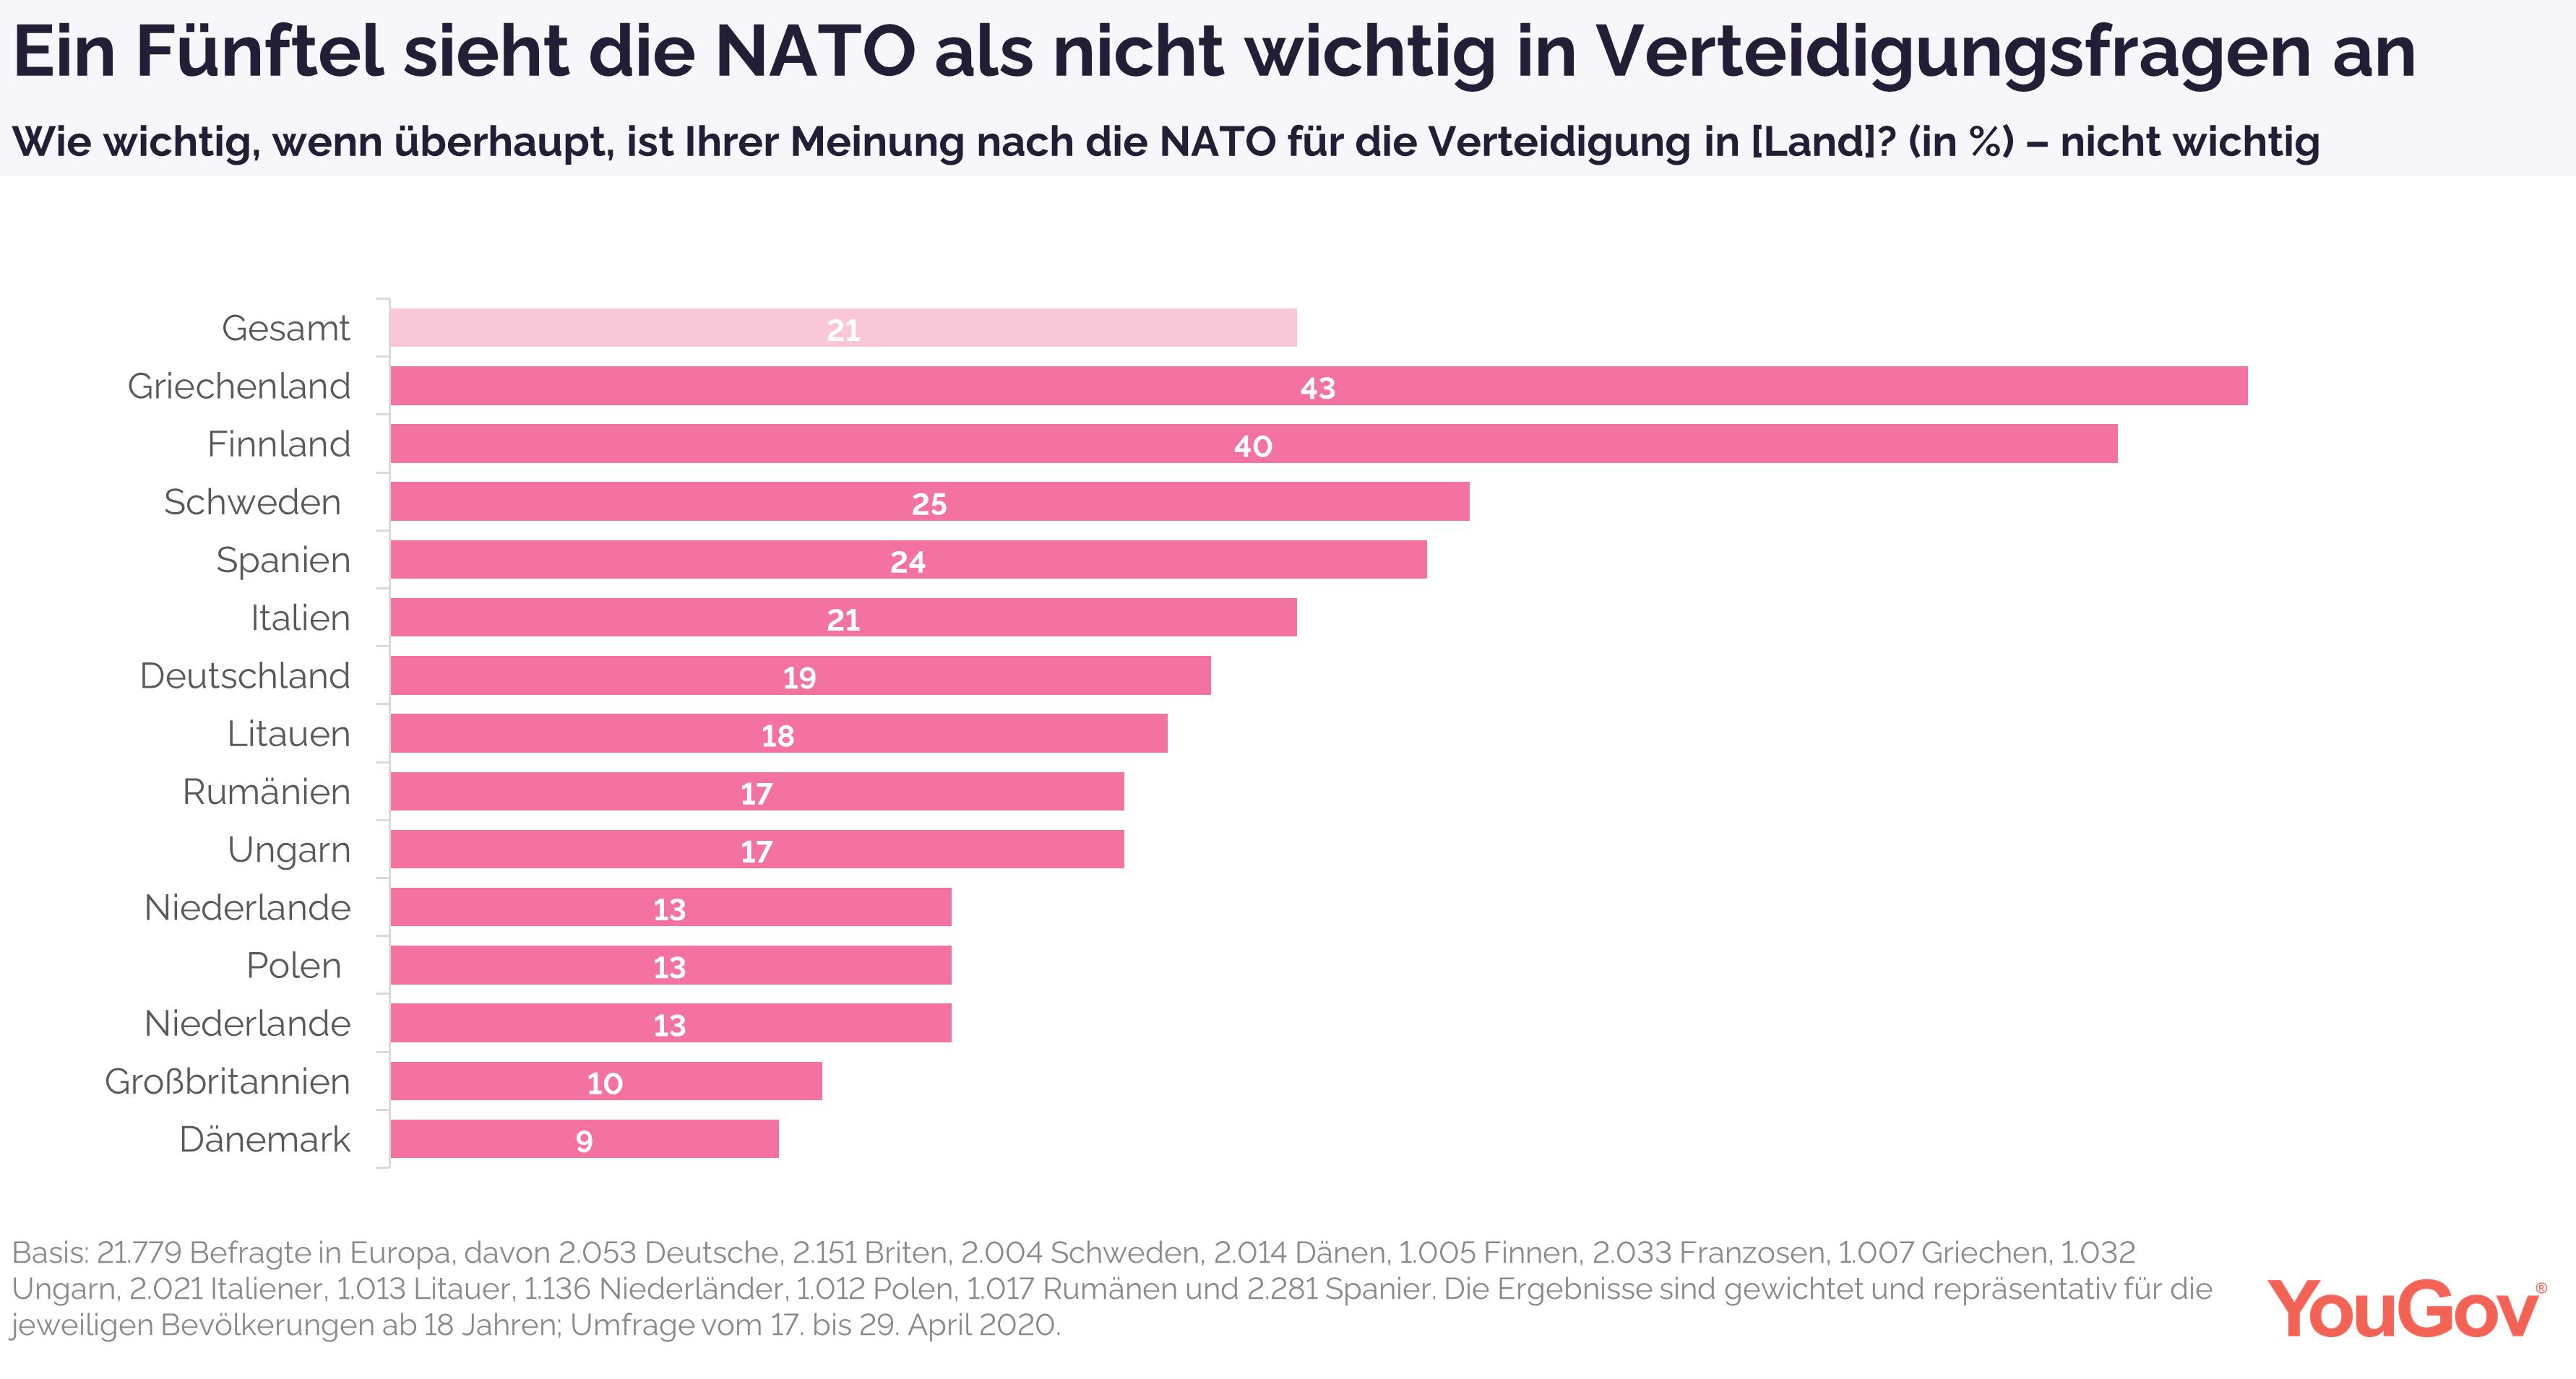 Für ein Fünftel ist NATO nicht wichtig in Verteidigungsfragen